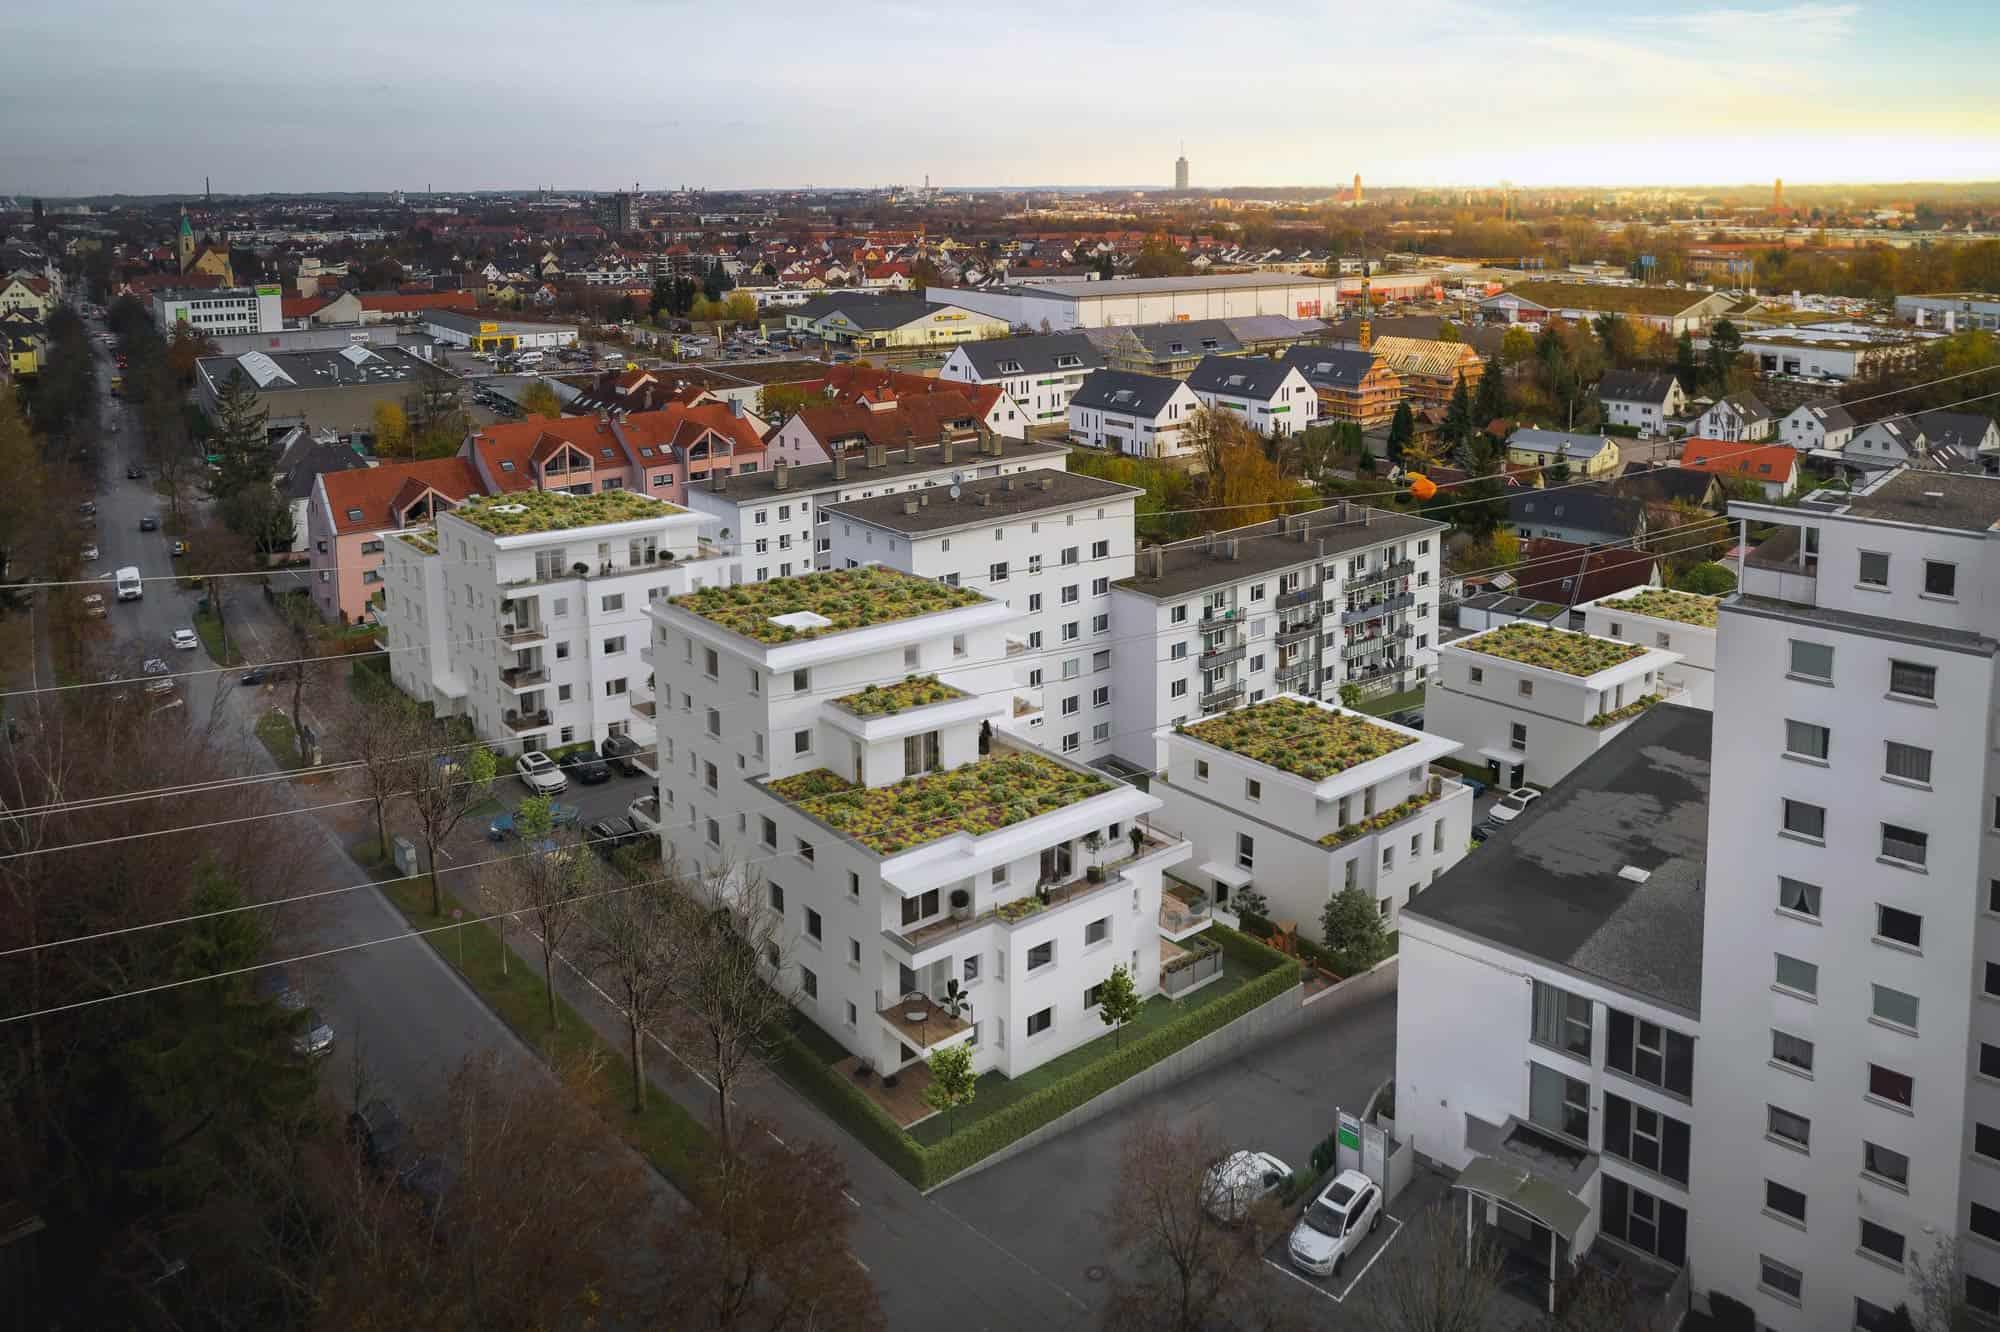 Neubau von 5 Wohngebäuden mit 57 Wohneinheiten Stadtbergen